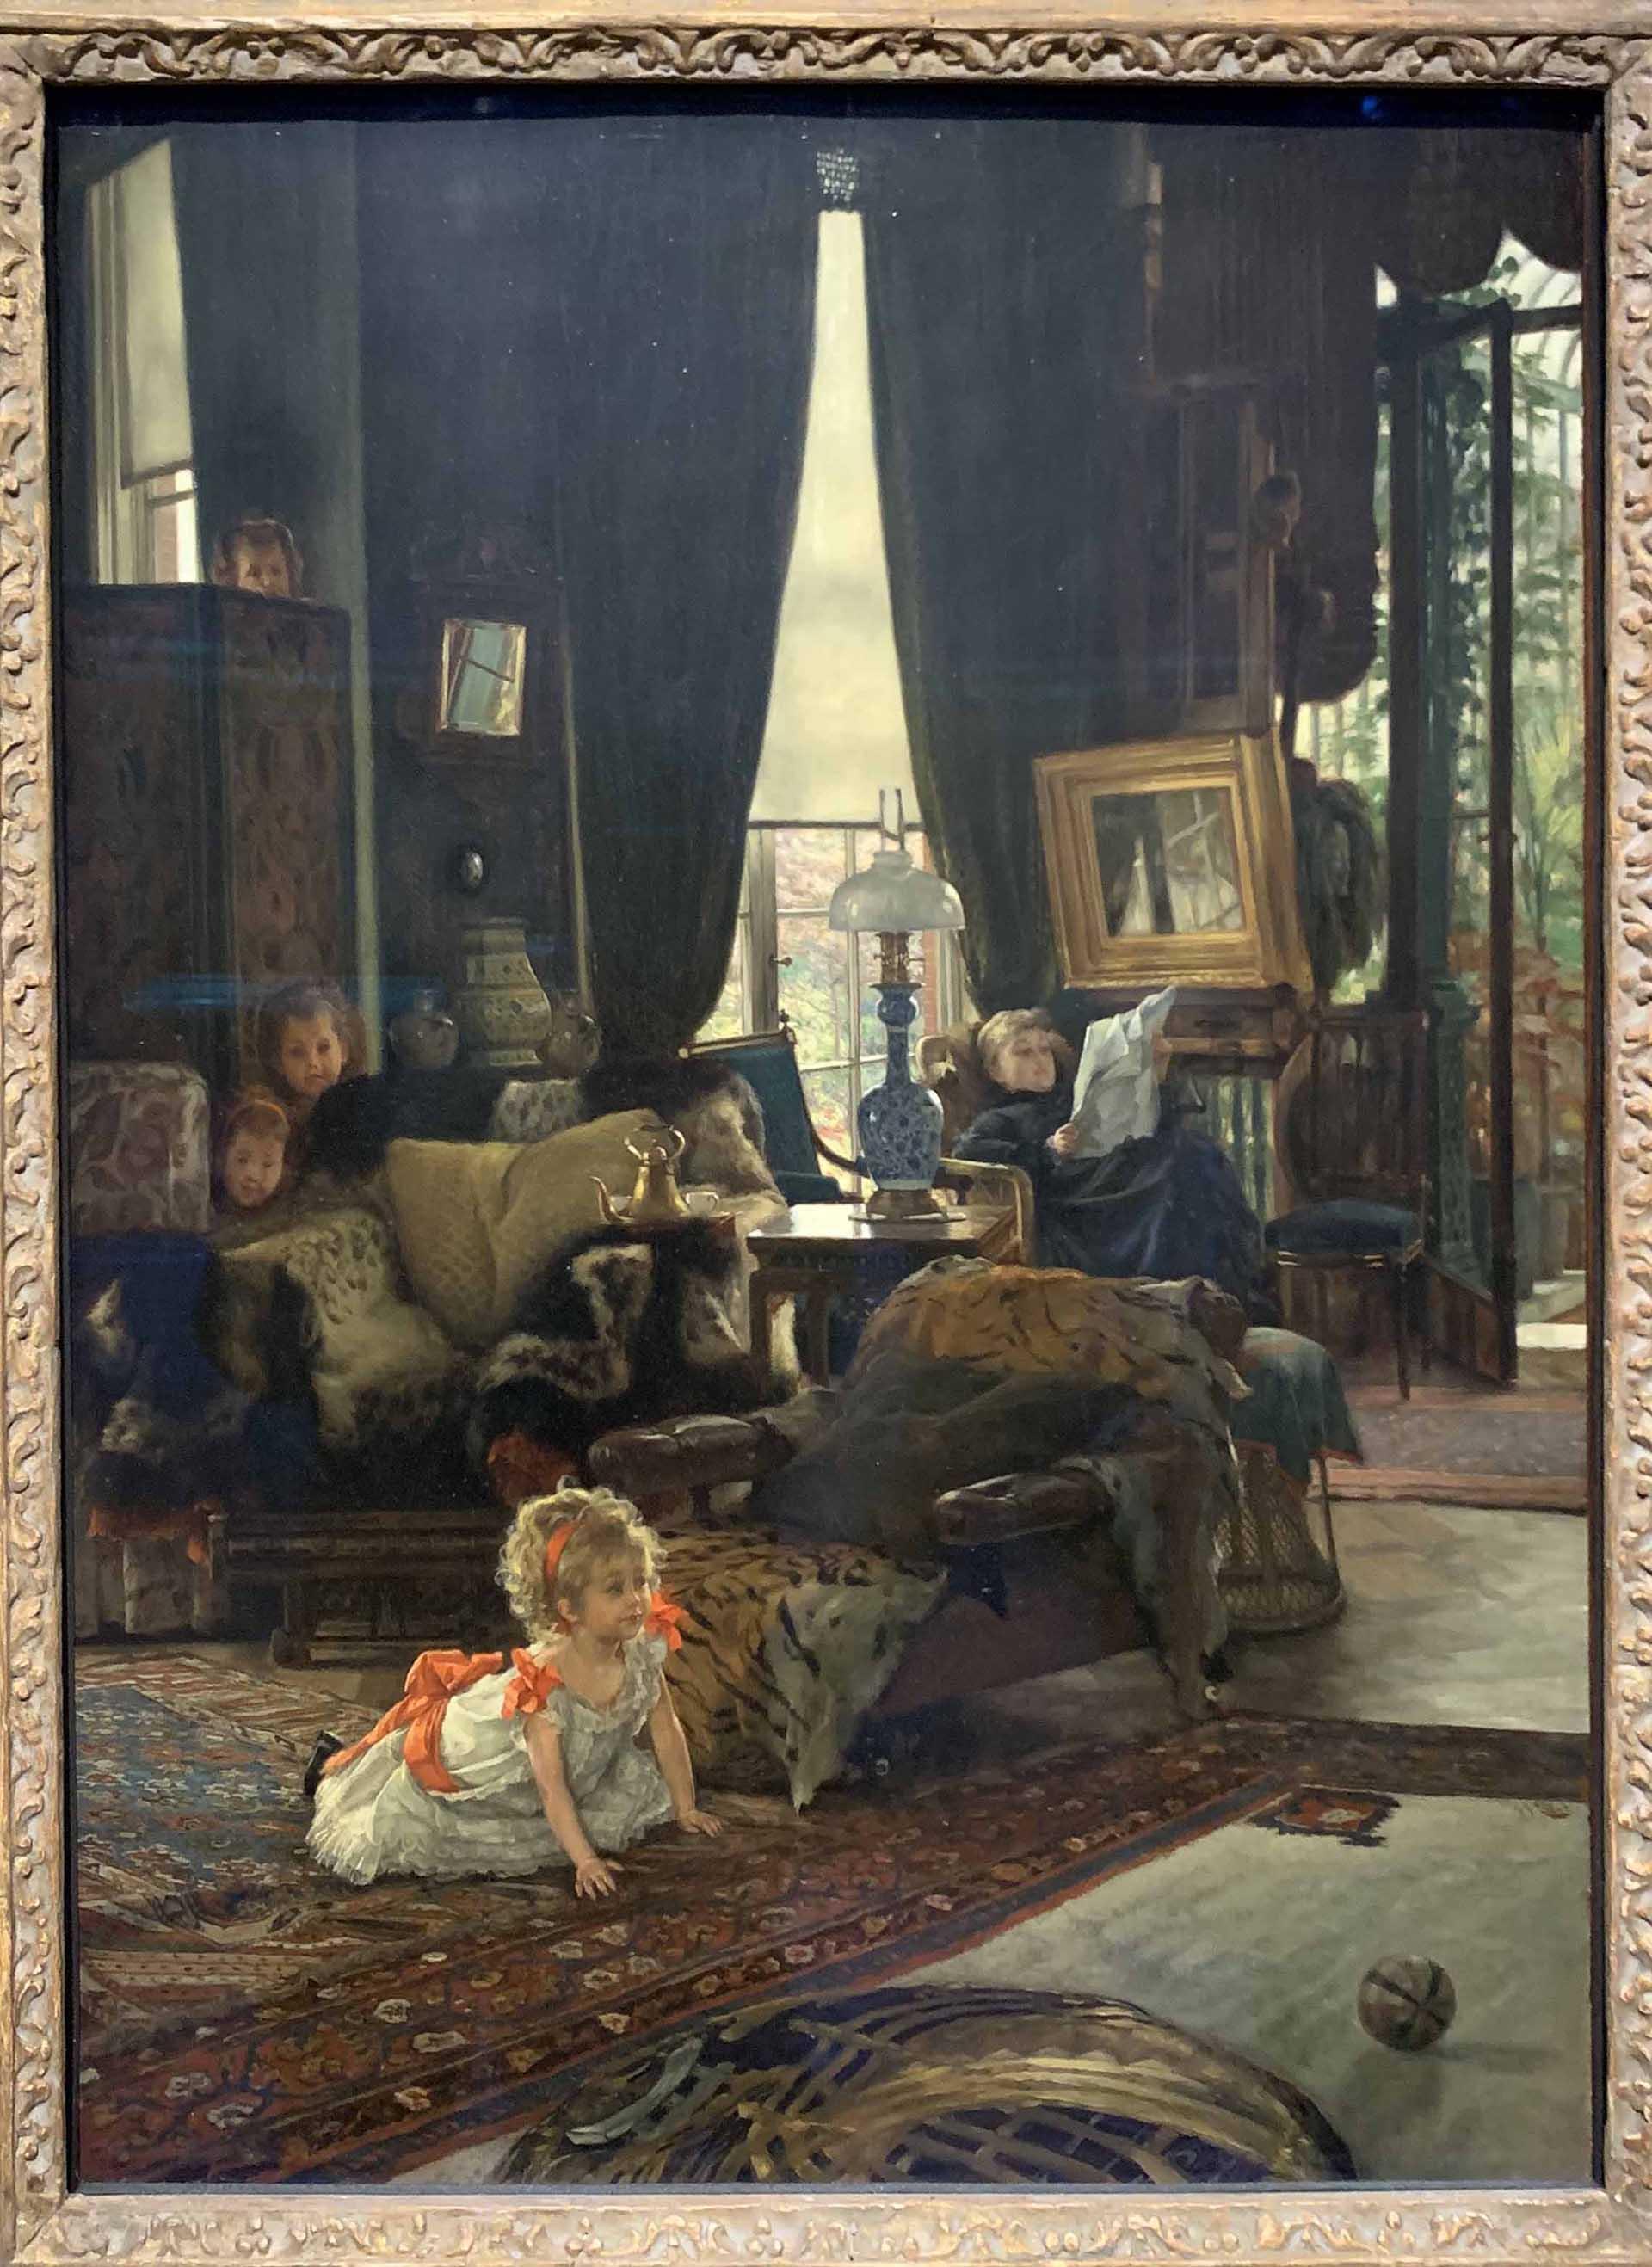 James Tissot, Exhibit Photo 5